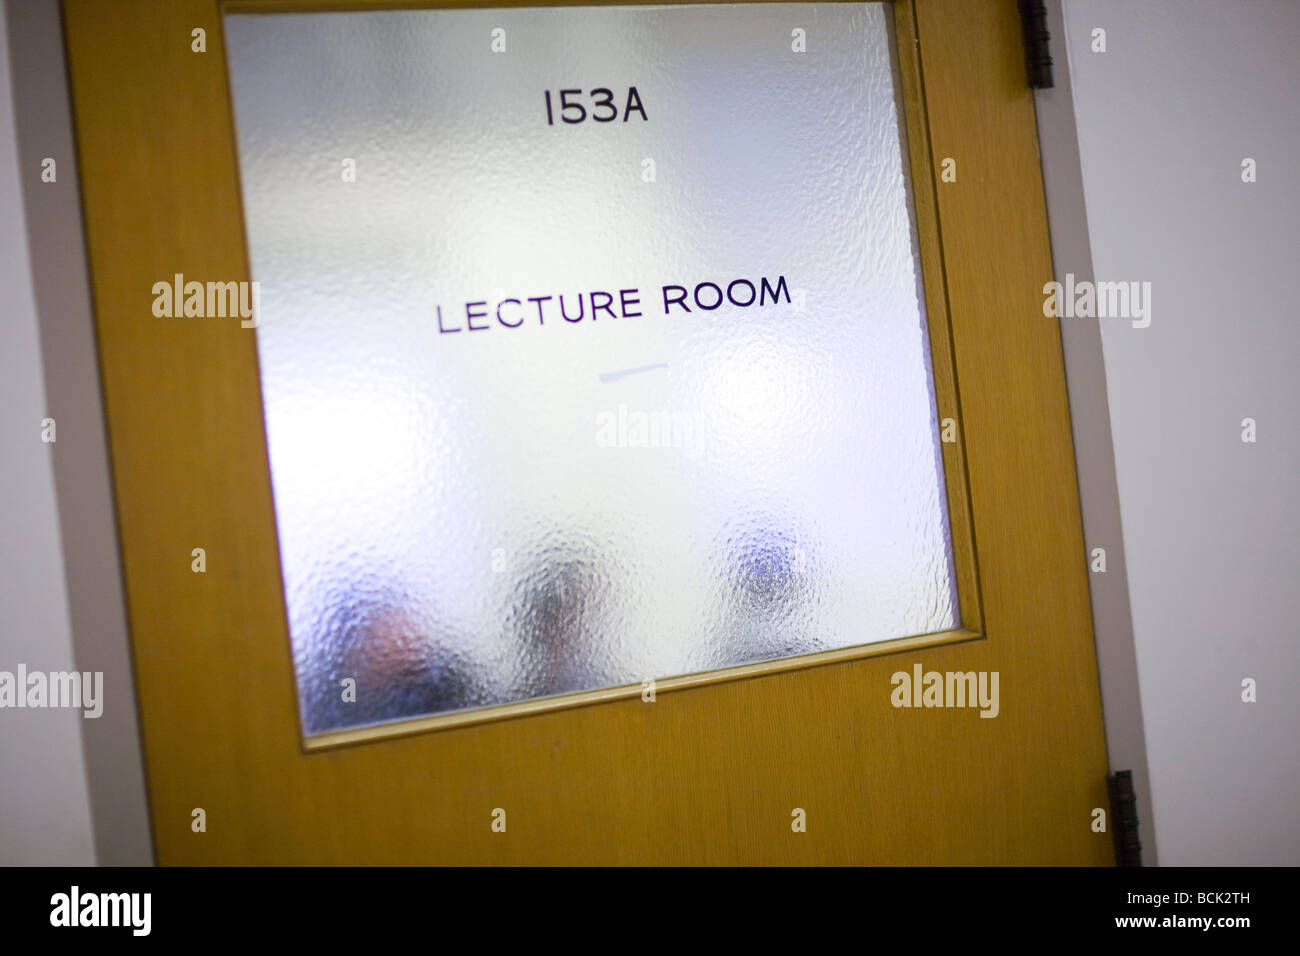 Puerta a una sala de conferencias en una universidad Imagen De Stock